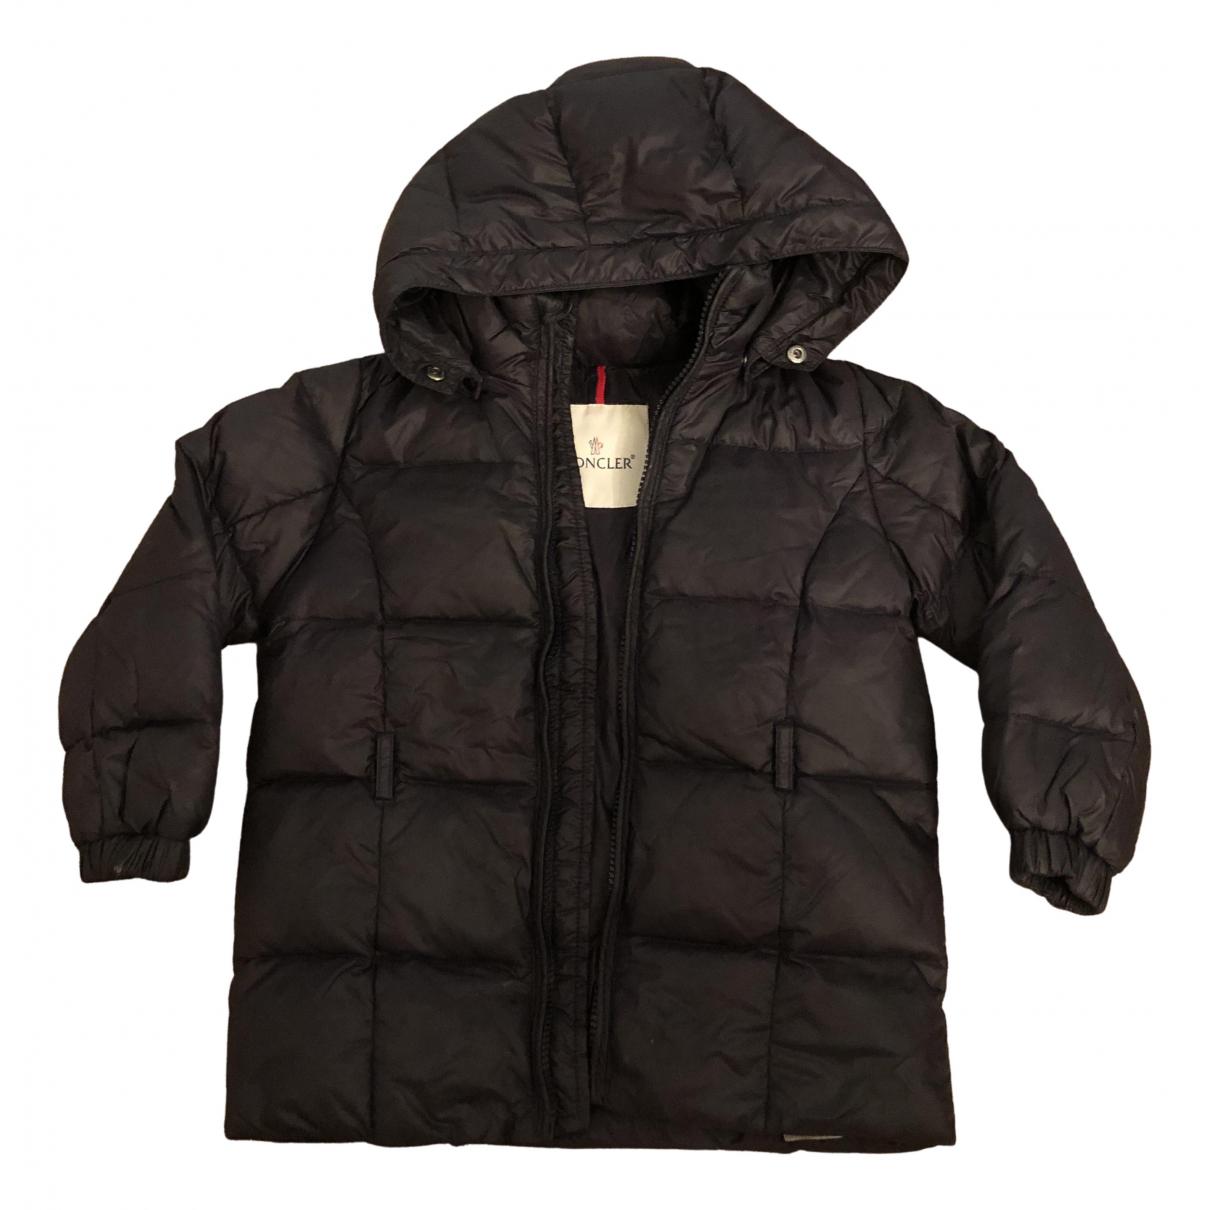 Moncler - Blousons.Manteaux Hood pour enfant - noir